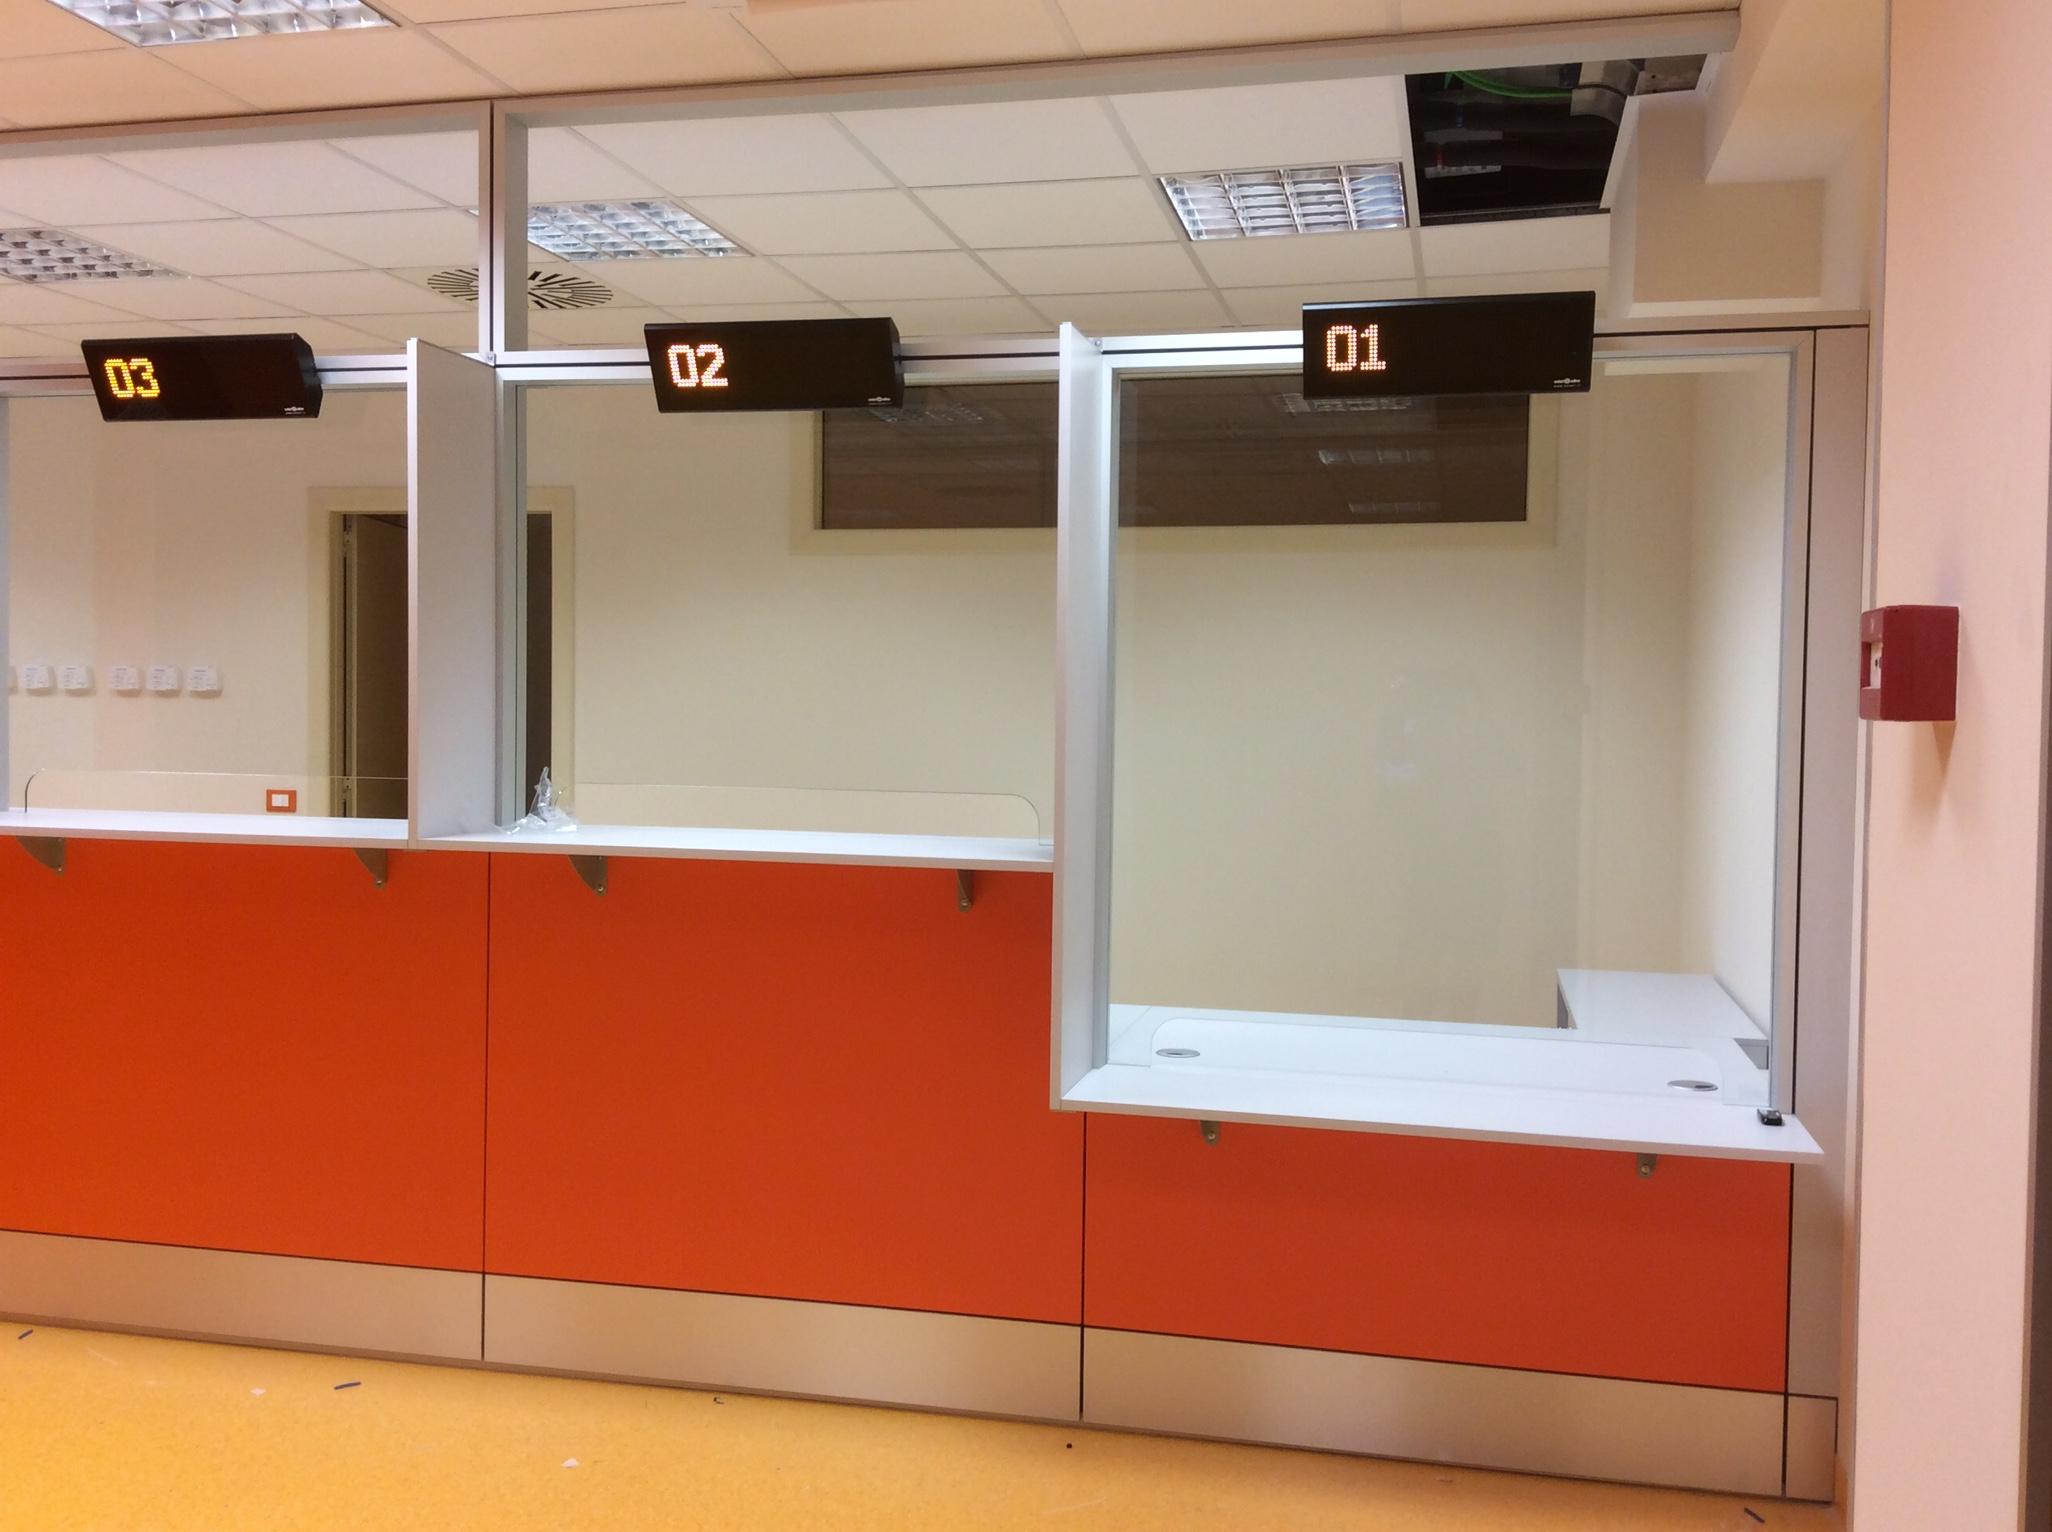 8 Realizzazione su misura parete attrezzata sportello accettazione ospedale - Riganelli Arredamenti